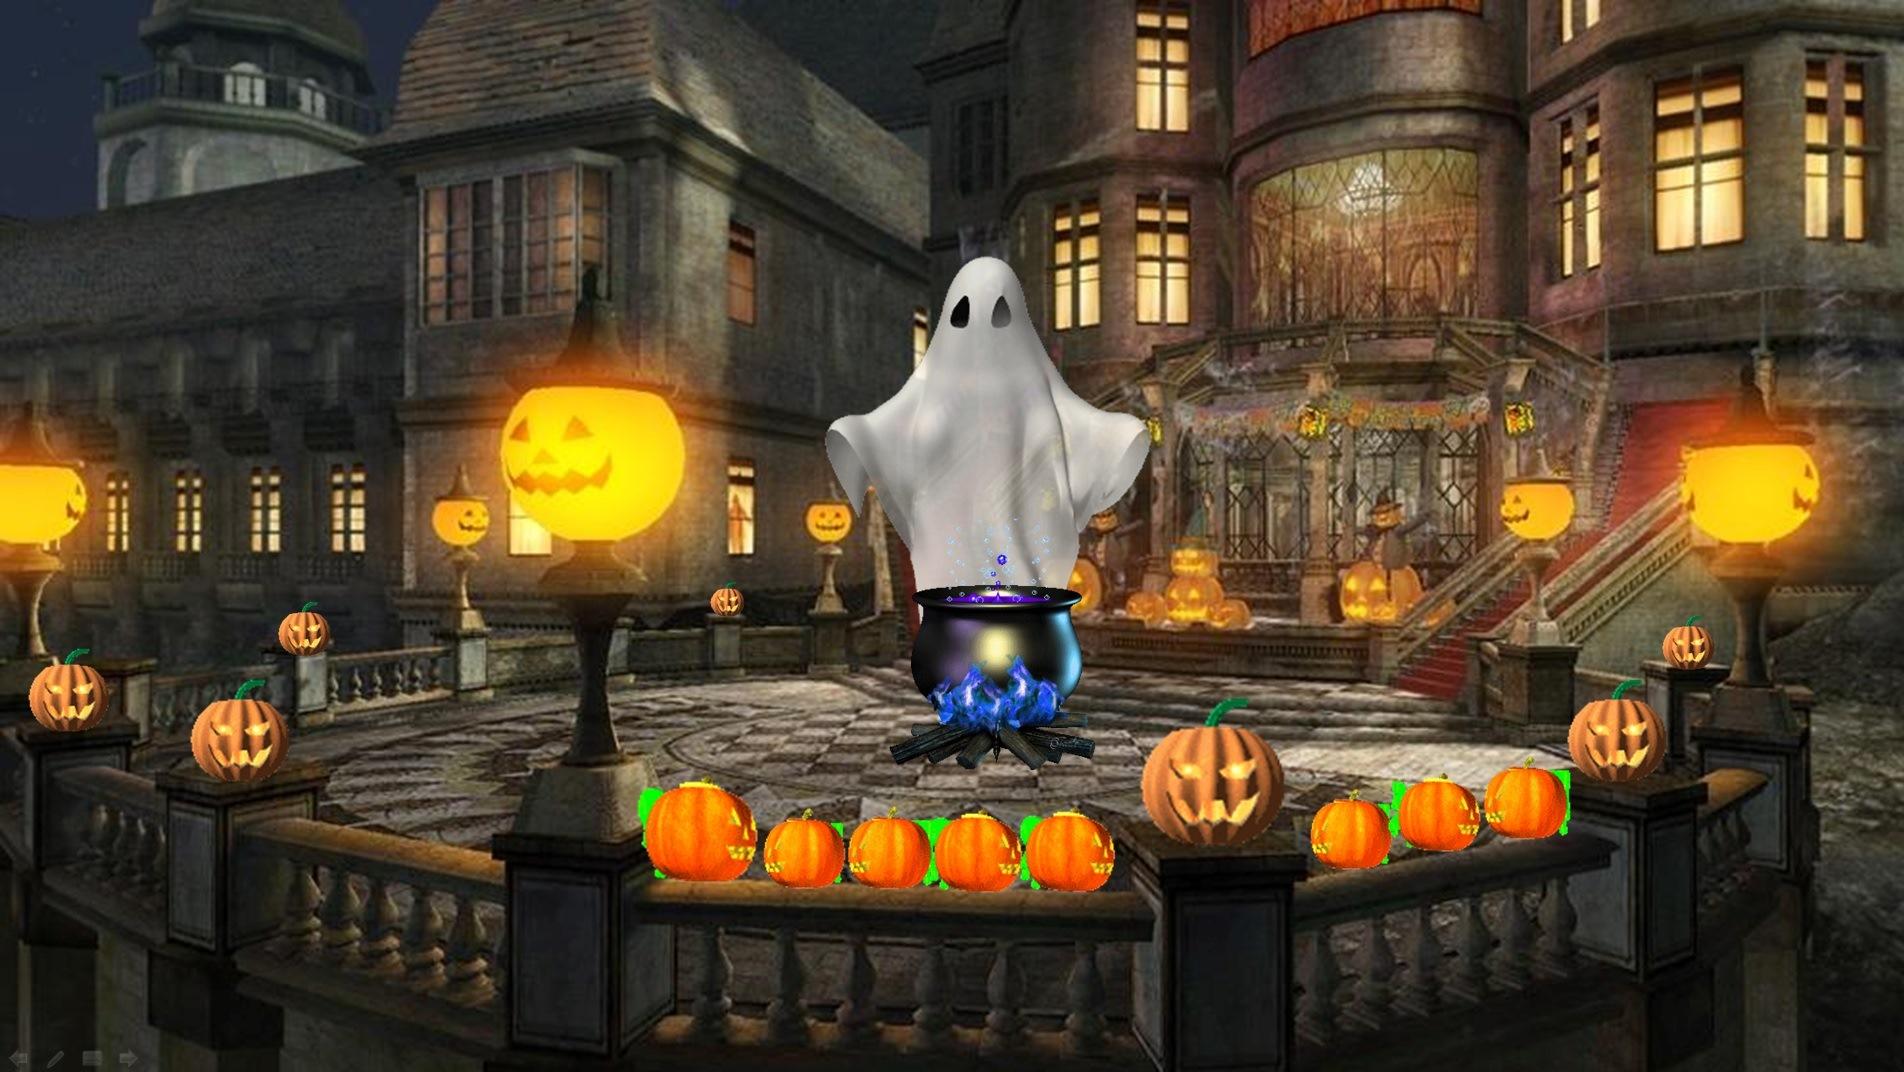 L.halloween,ce n'est pas pour les enfants ! Surtout quand c'est SEXY ! Boo  oo ooh ( 3D ).pps »